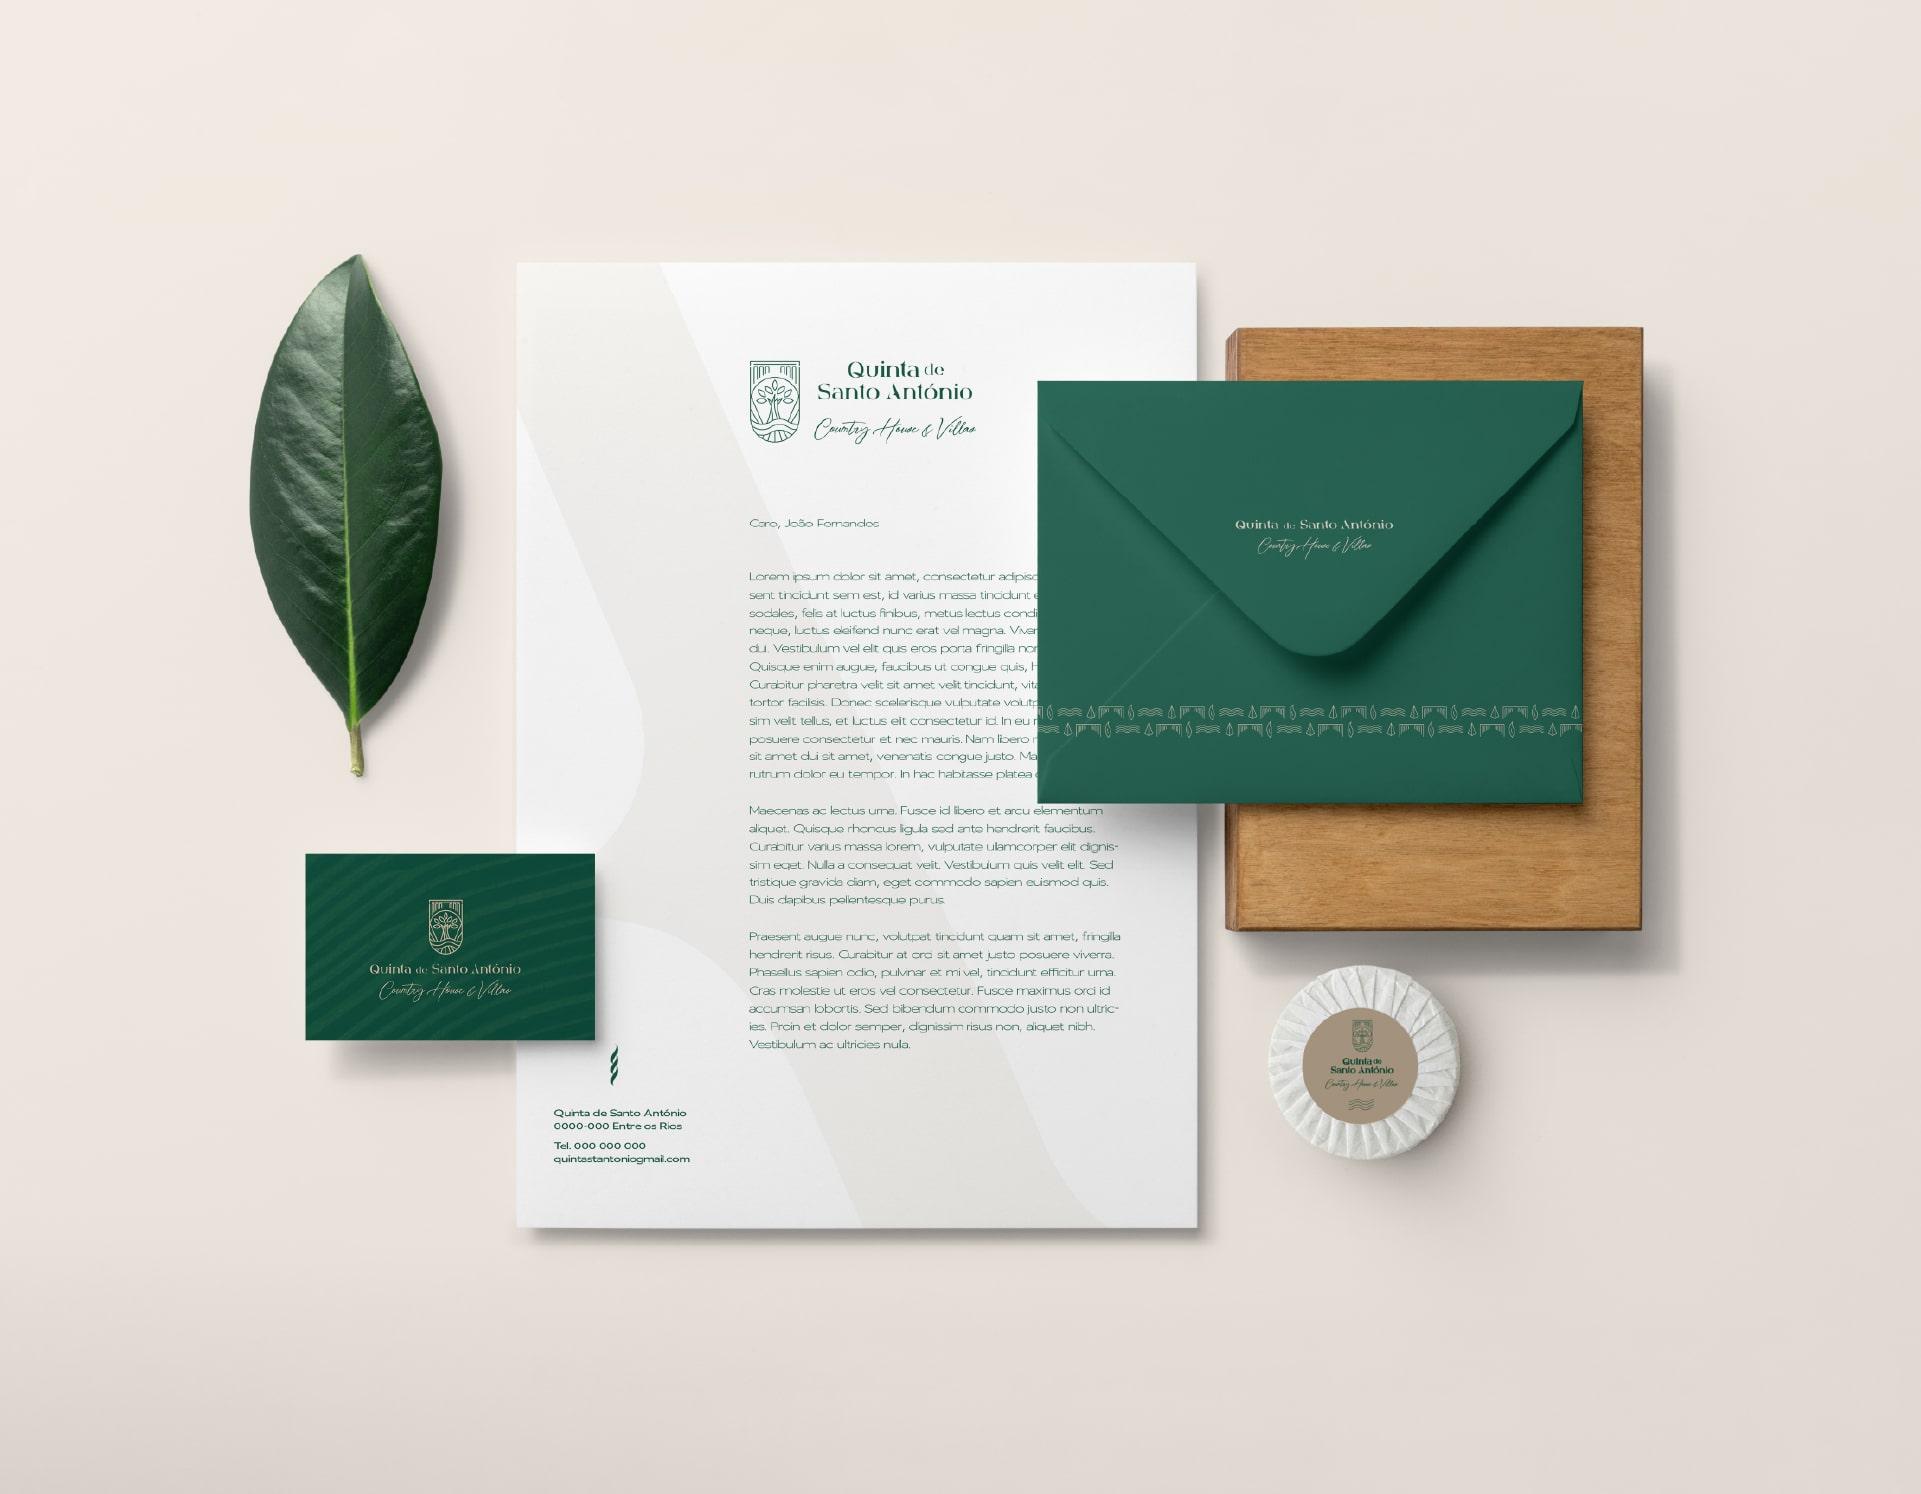 Mockup de cartão de visita, carta e bloco de notas para o Branding da Quinta de Santo António